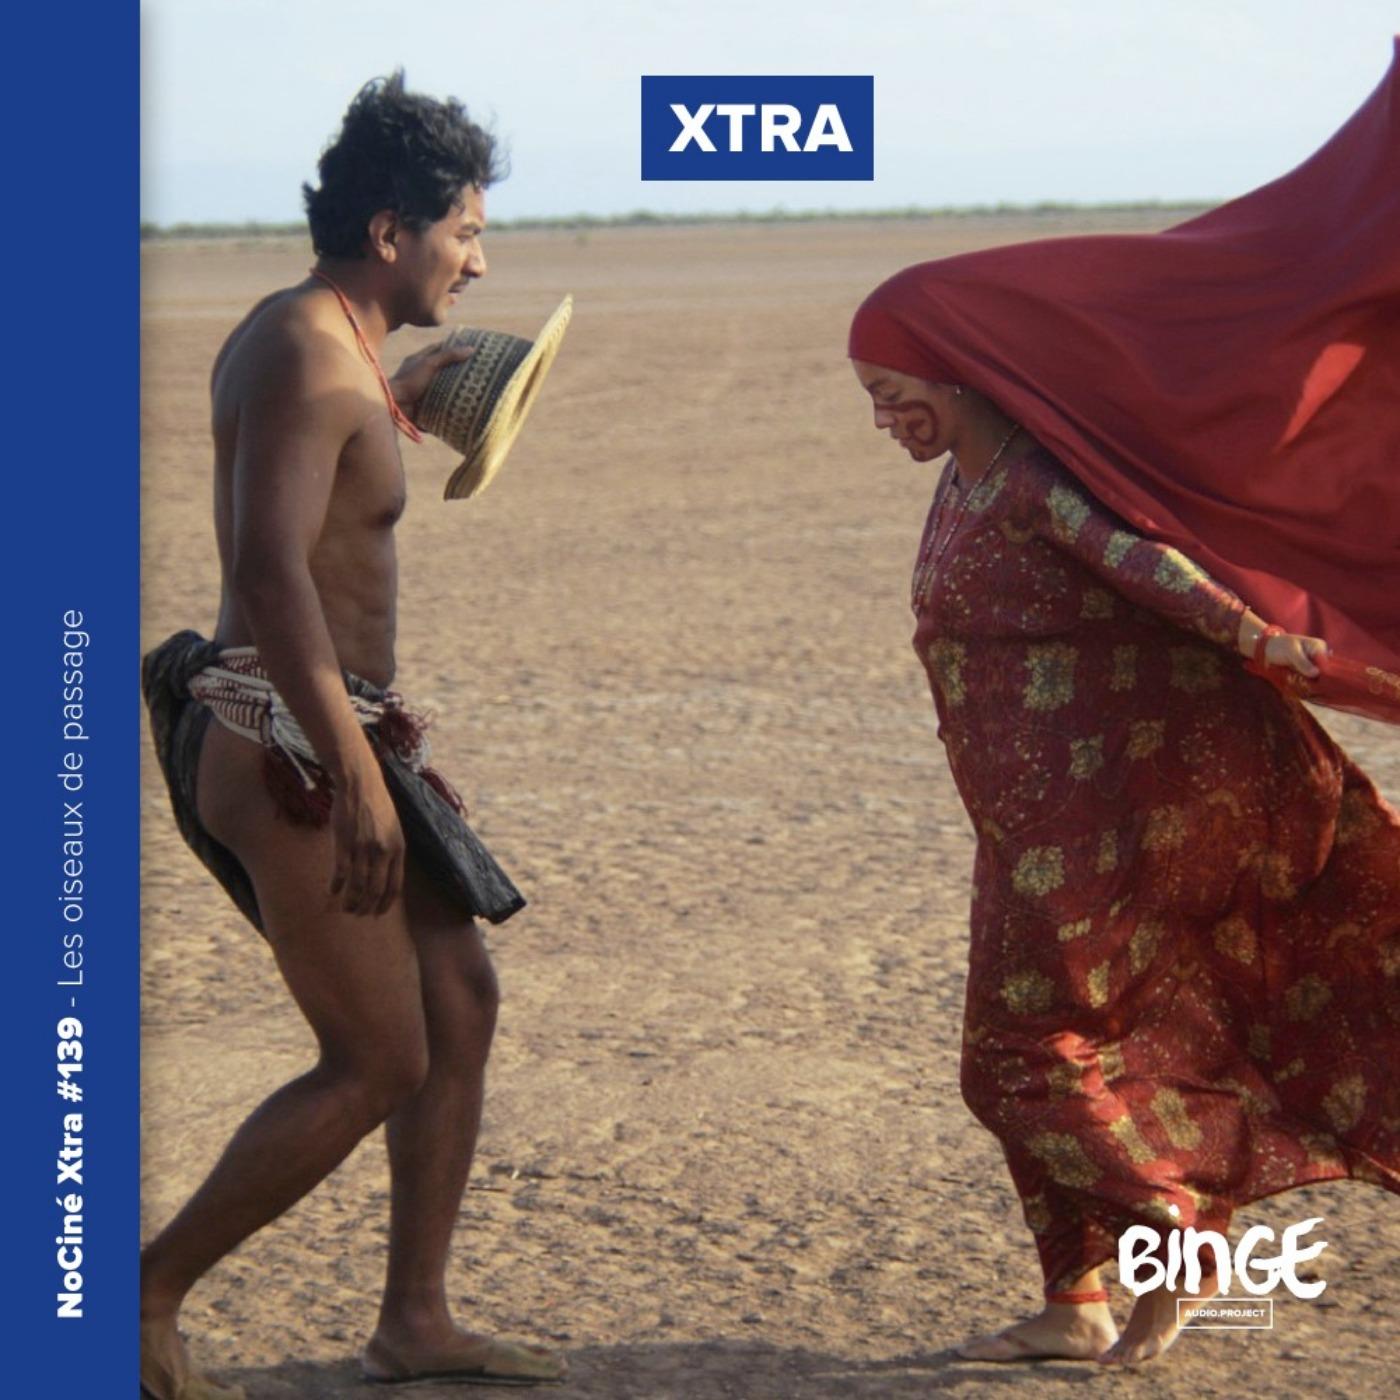 Xtra - Les oiseaux de passage